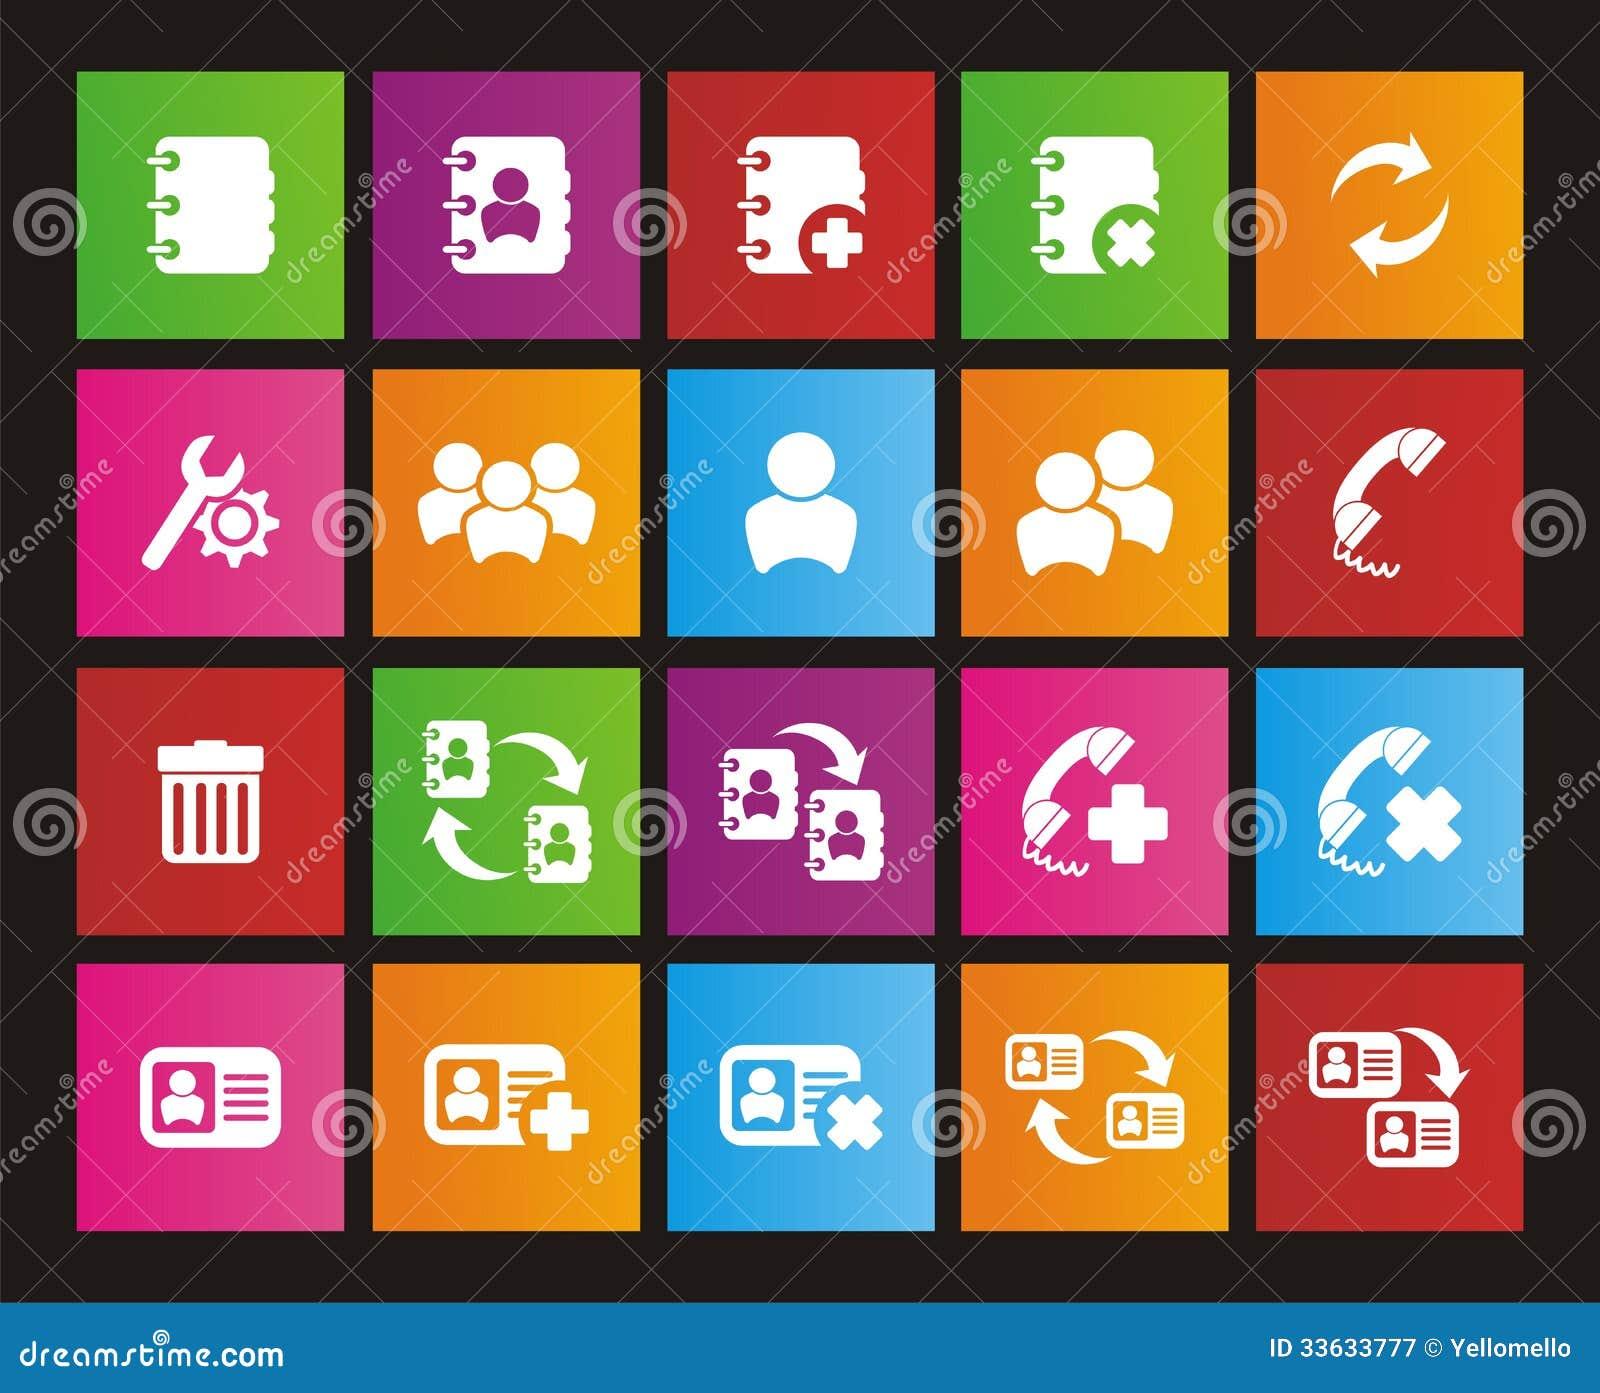 Metro User Icon